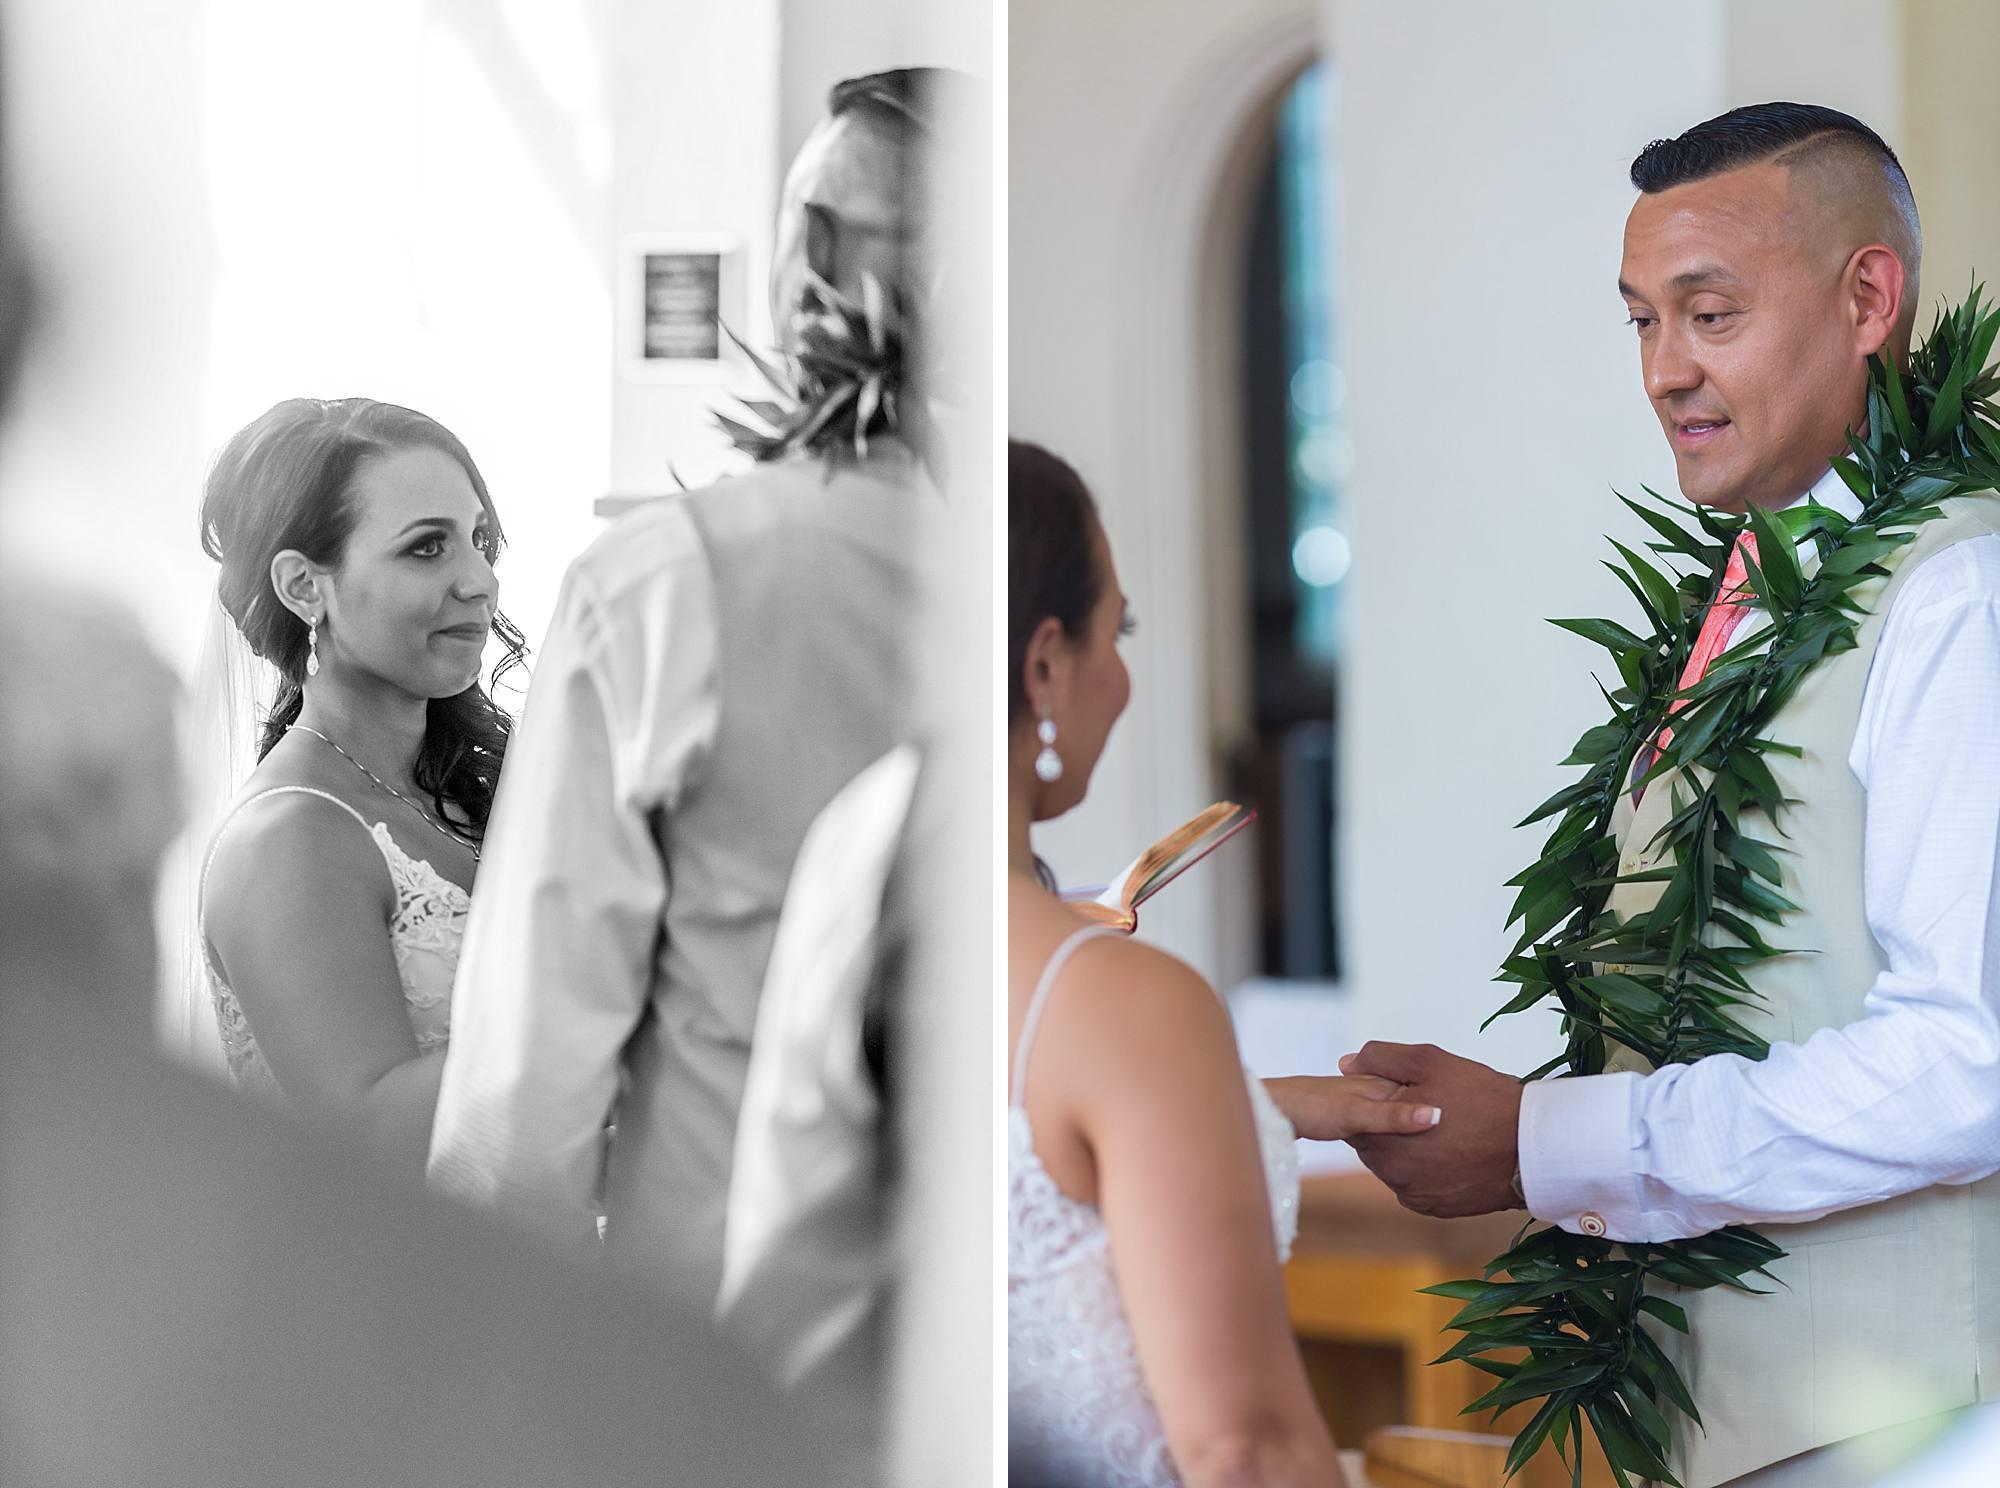 vow exchange at catholic ceremony